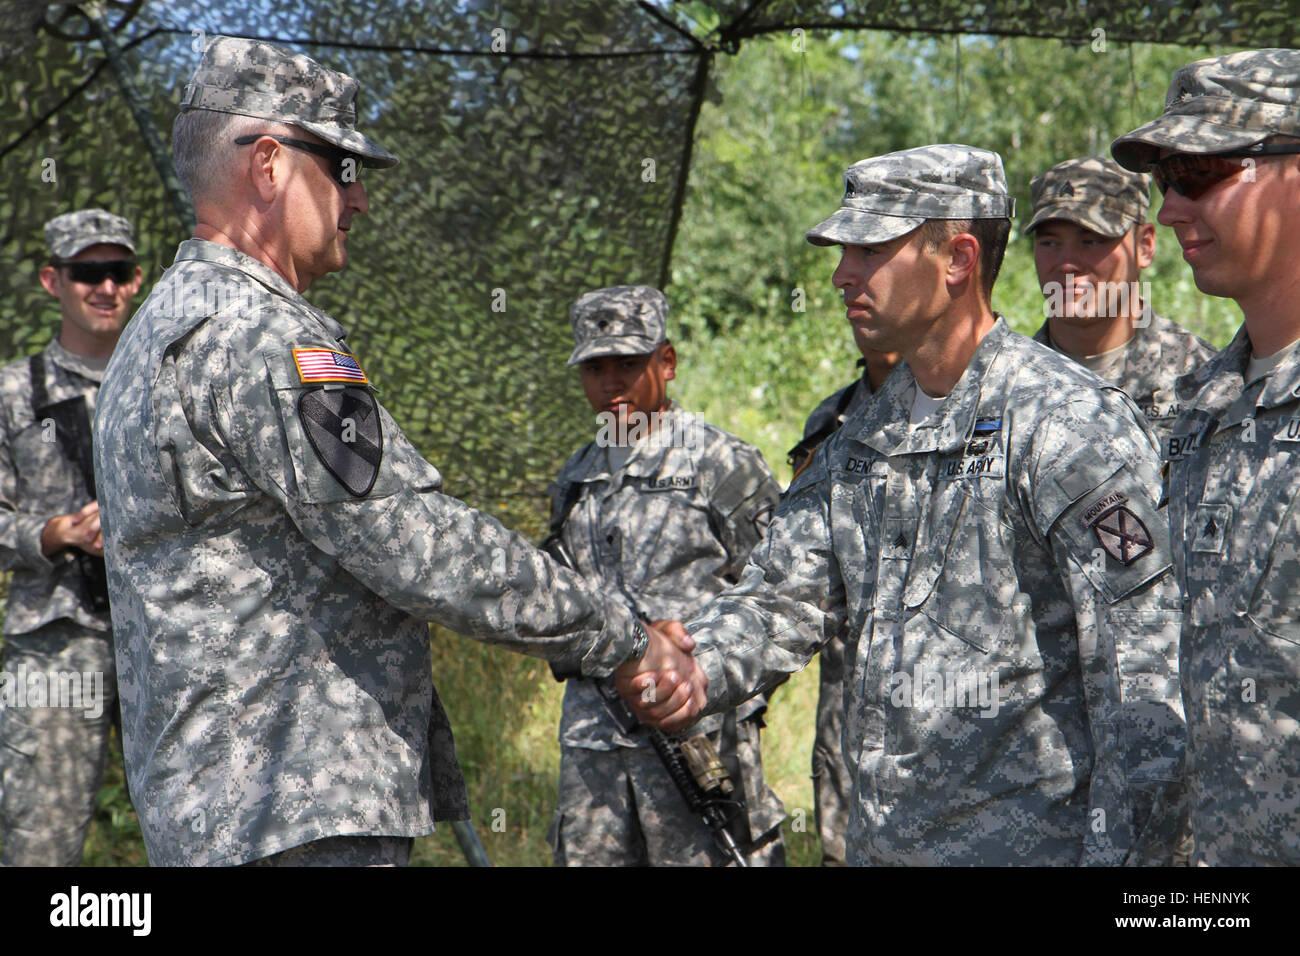 Uns Armee Datum gegründet